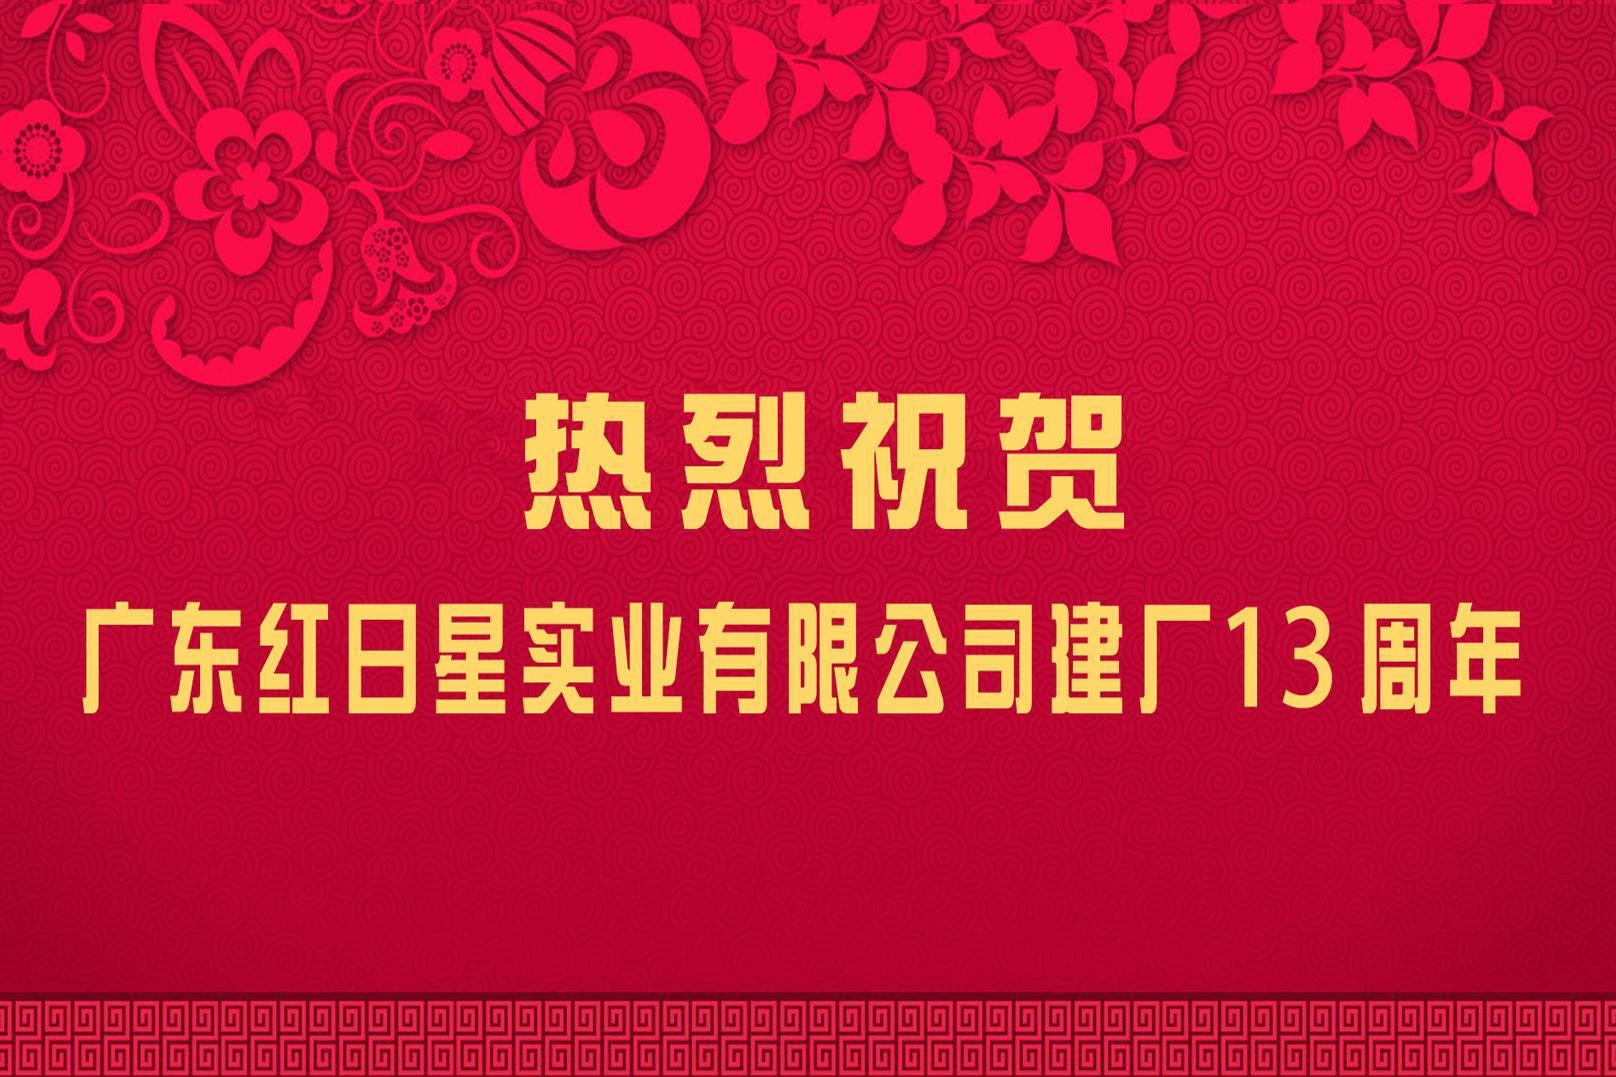 风雨铸辉煌 - bwinapp官方星集团建厂13周年报道